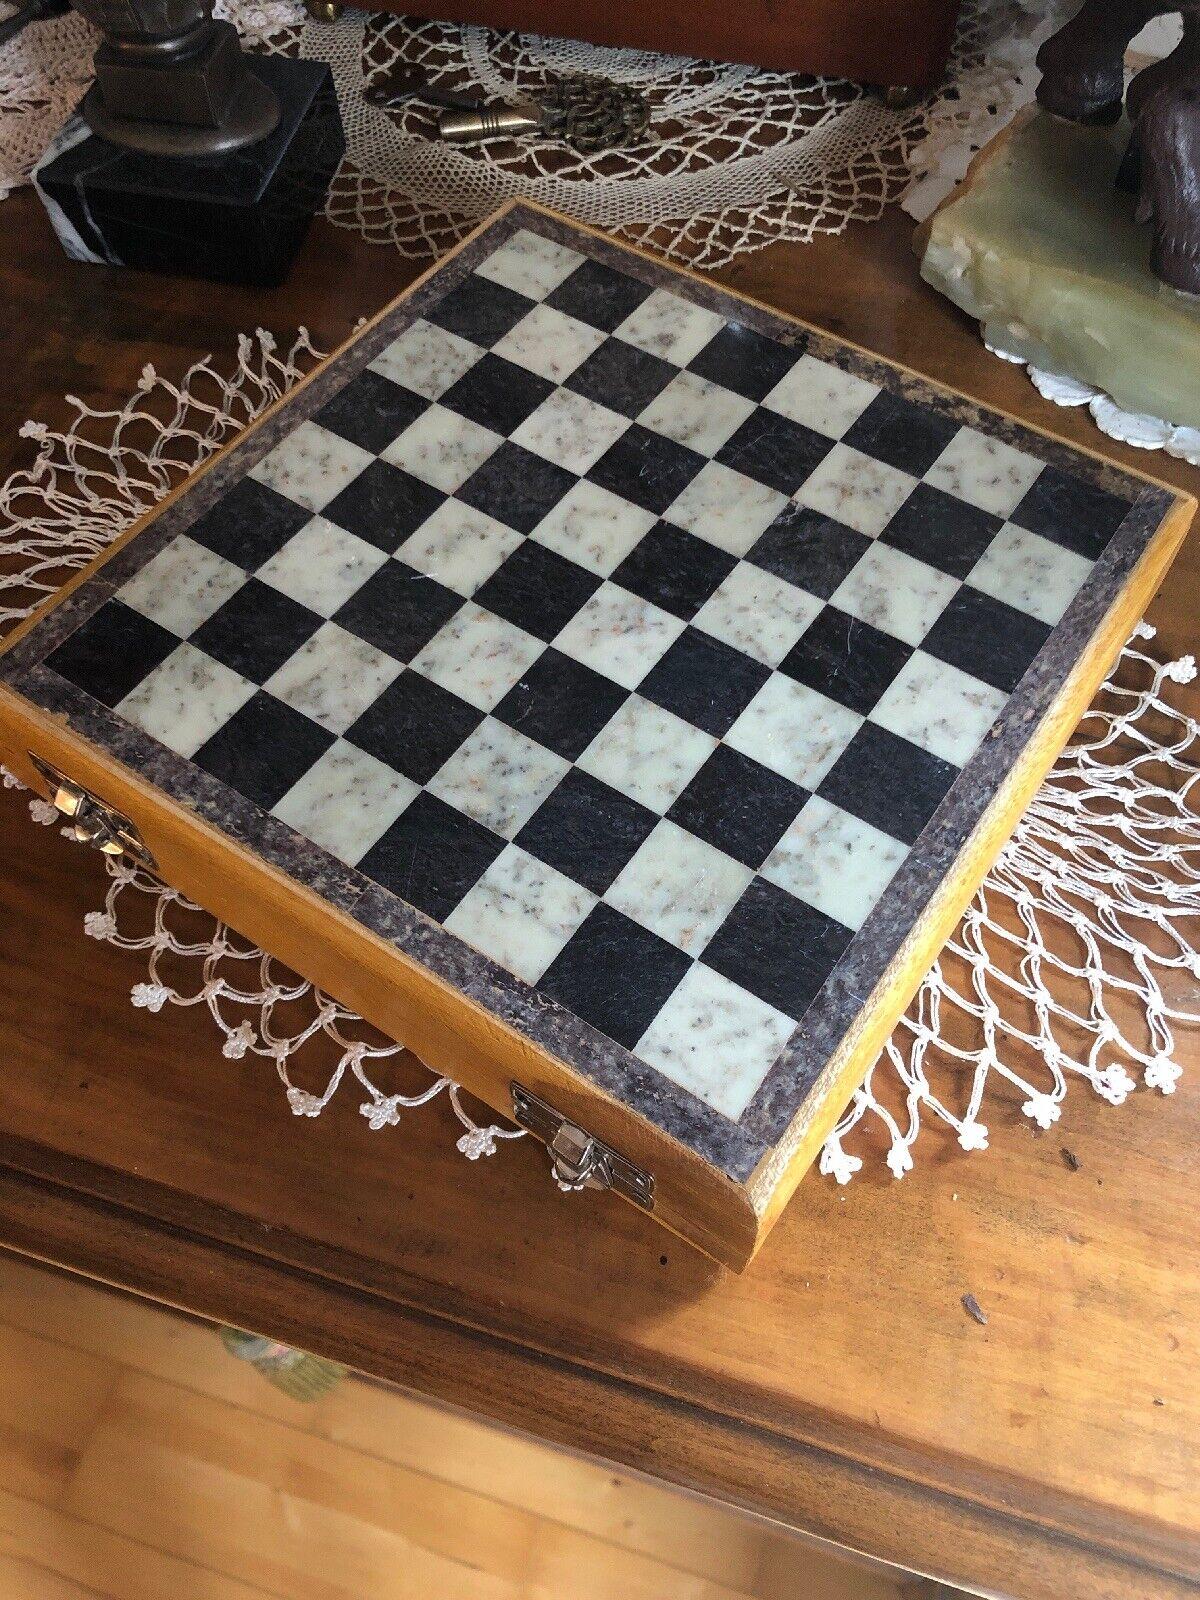 ♟Schach aus aus aus Granit    Reise - Schach  20 x 20cm  Granit - Figuren     NEU  TOPP fcac30